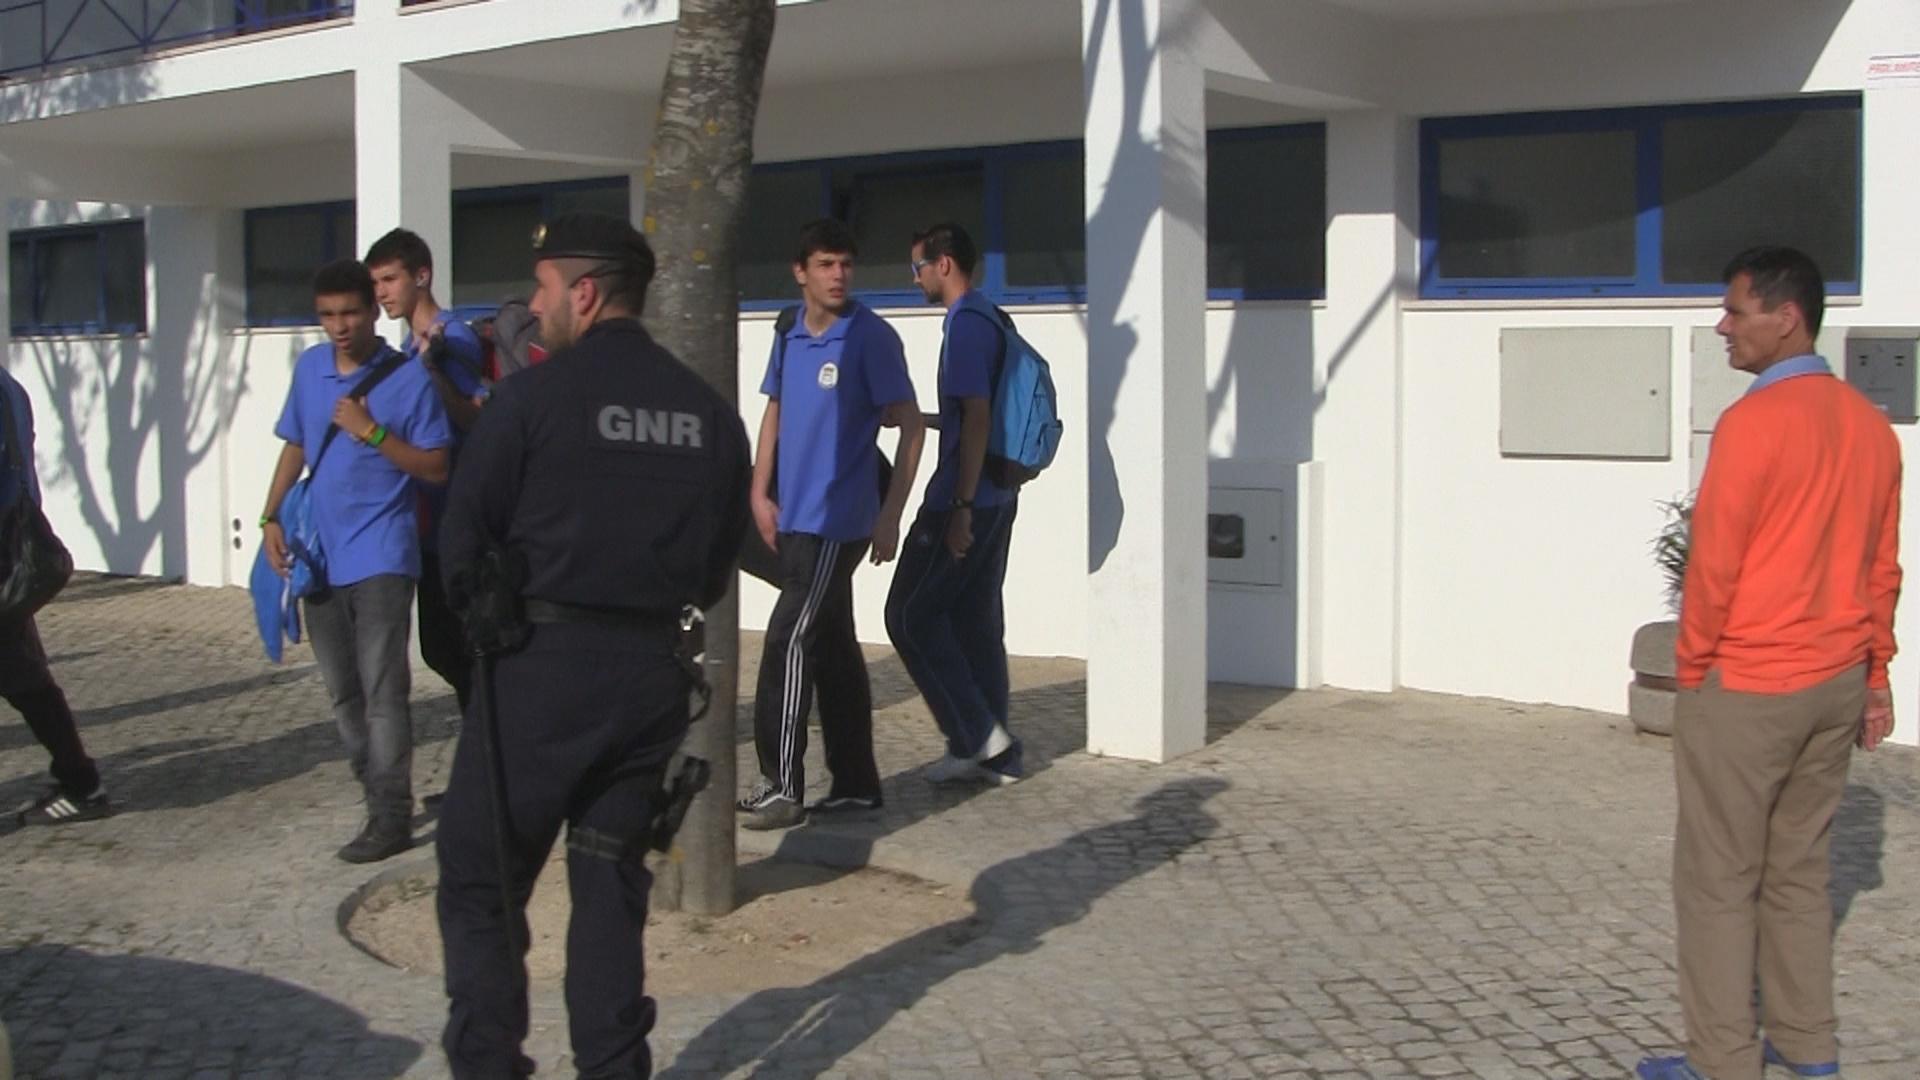 Briga em jogo de juniores: U. Almeirim multado e com derrota na secretaria